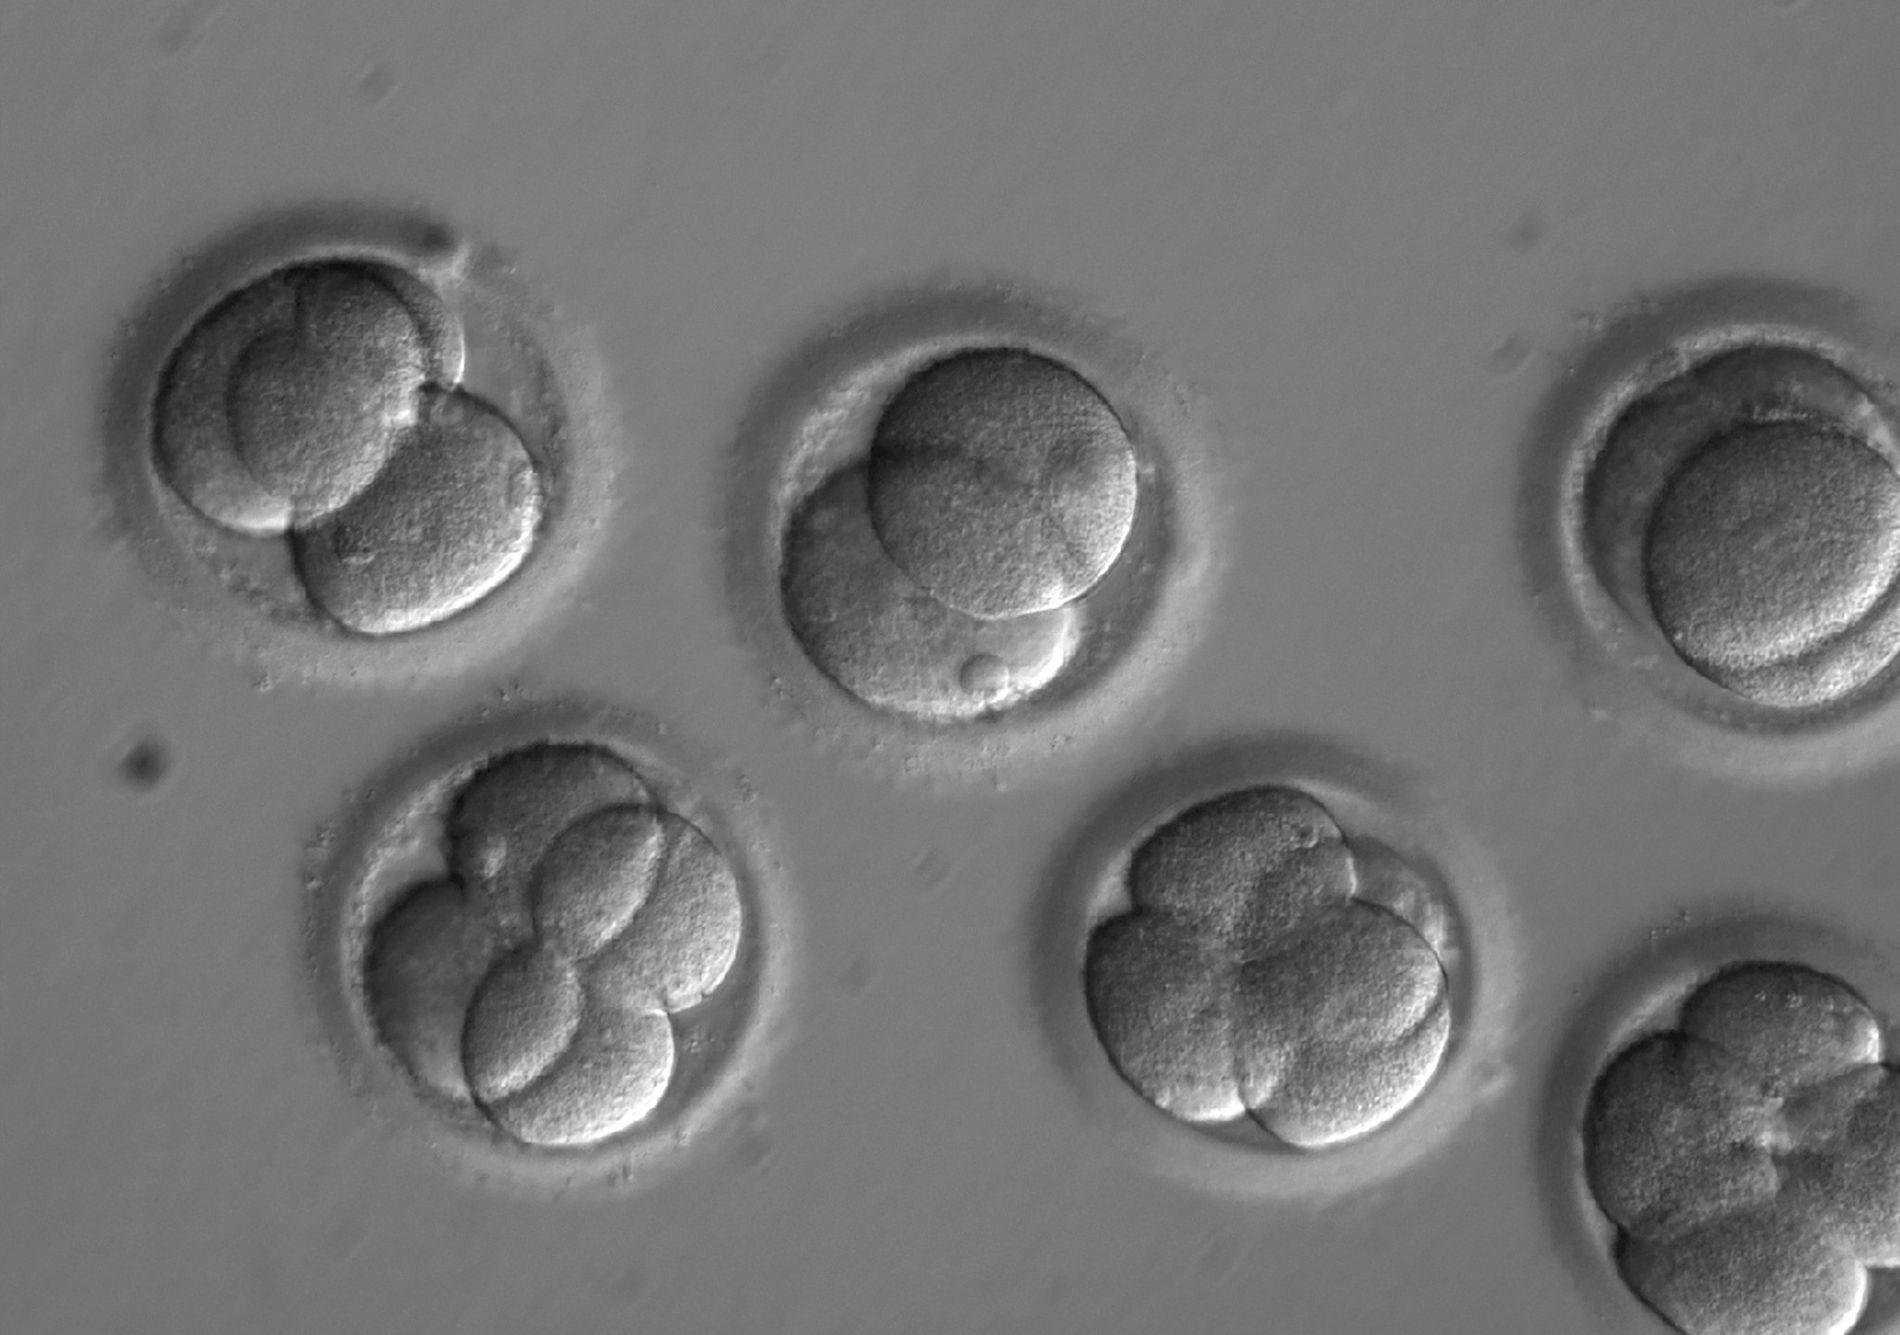 Dois dias depois de terem sido injetados com uma enzima que edita o gene, estes embriões humanos em desenvolvimento estavam livres da mutação causadora da doença.